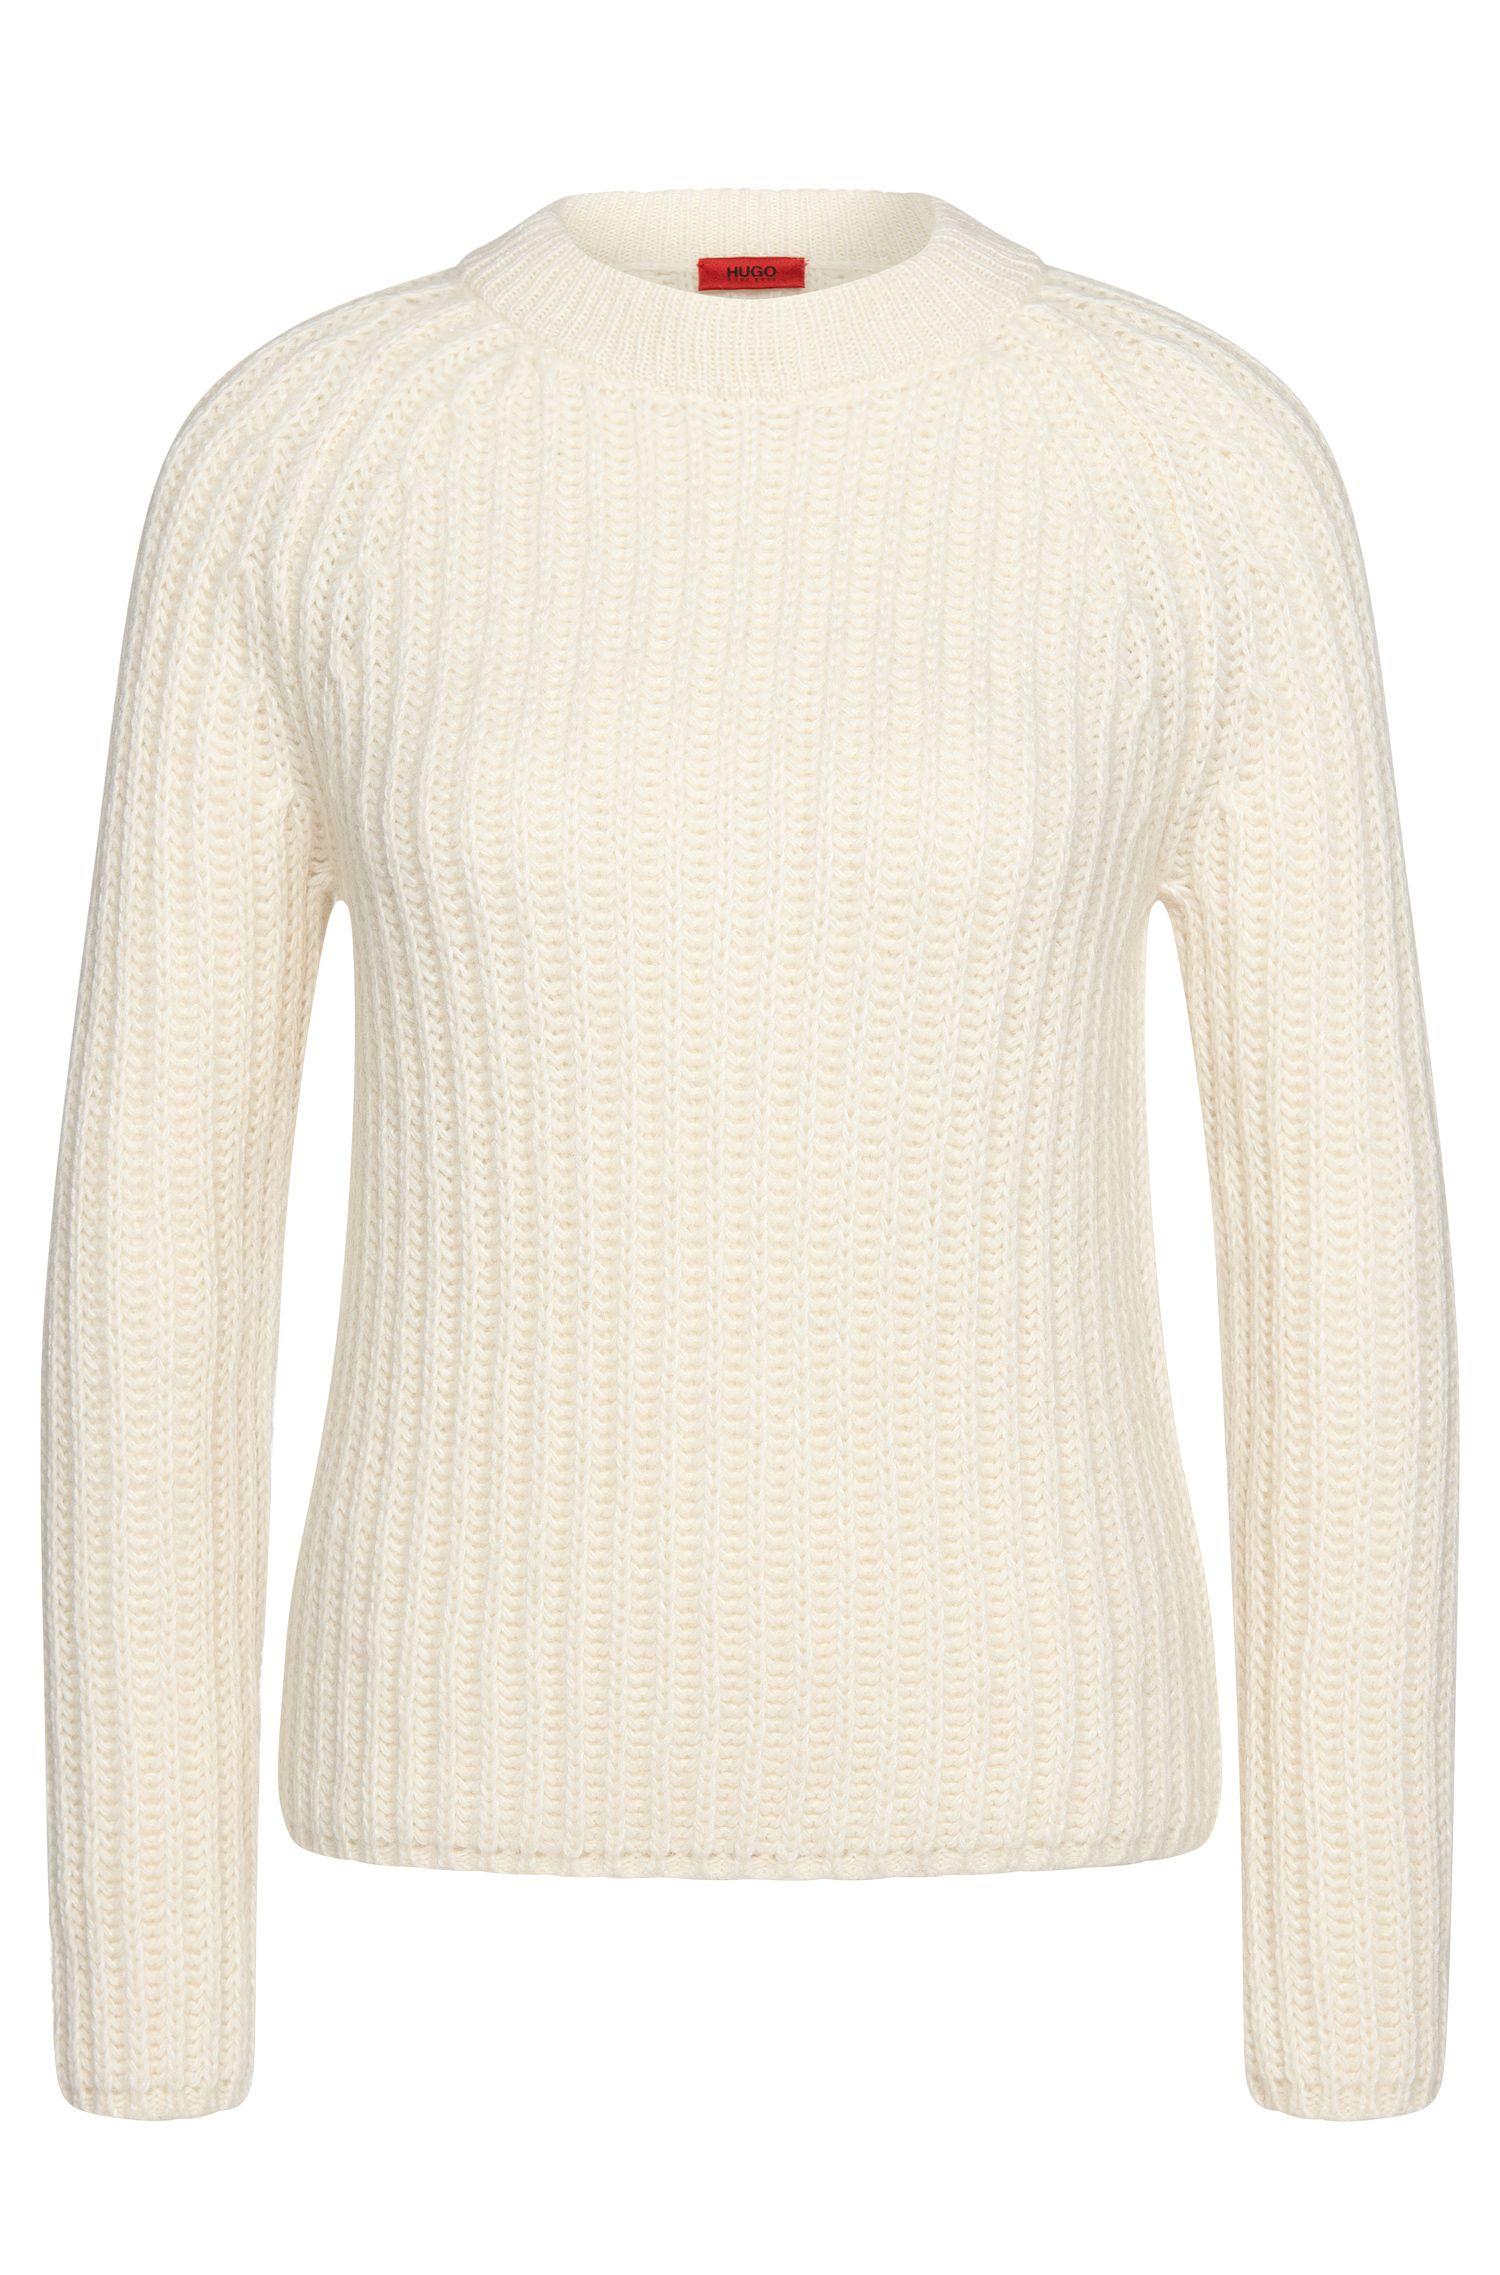 Jersey en mezcla de lana con mangas raglán: 'Serella'